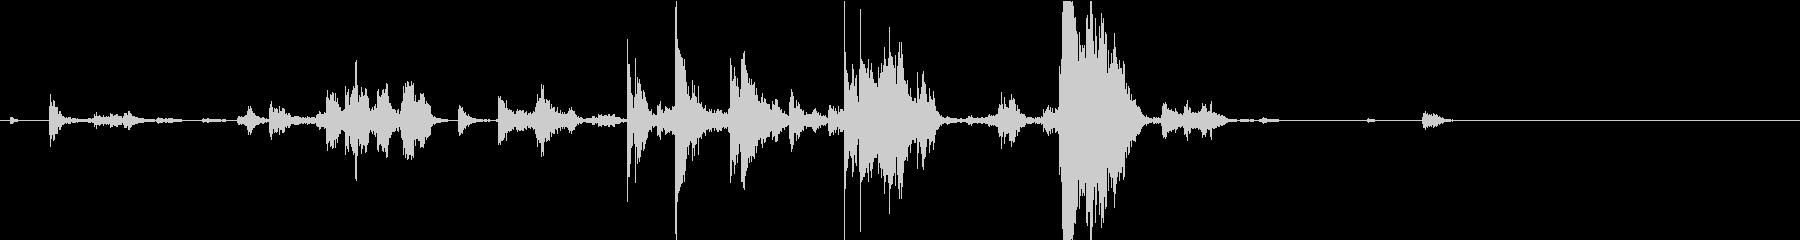 【生録音】手錠の音 5 手に持つ 準備の未再生の波形